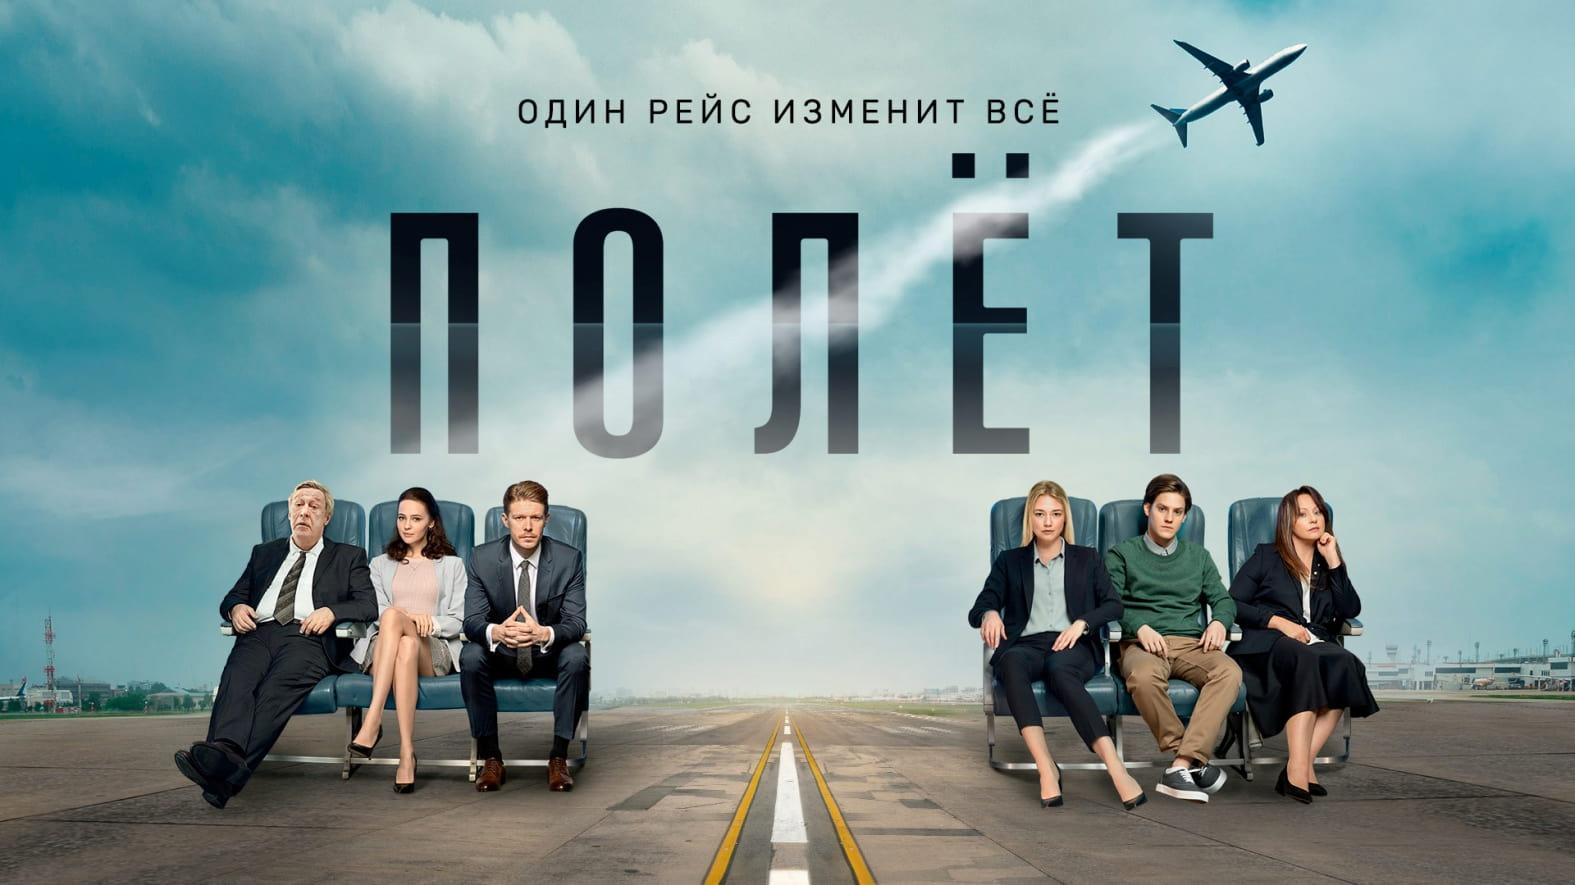 Полёт (8 серий) (2021)